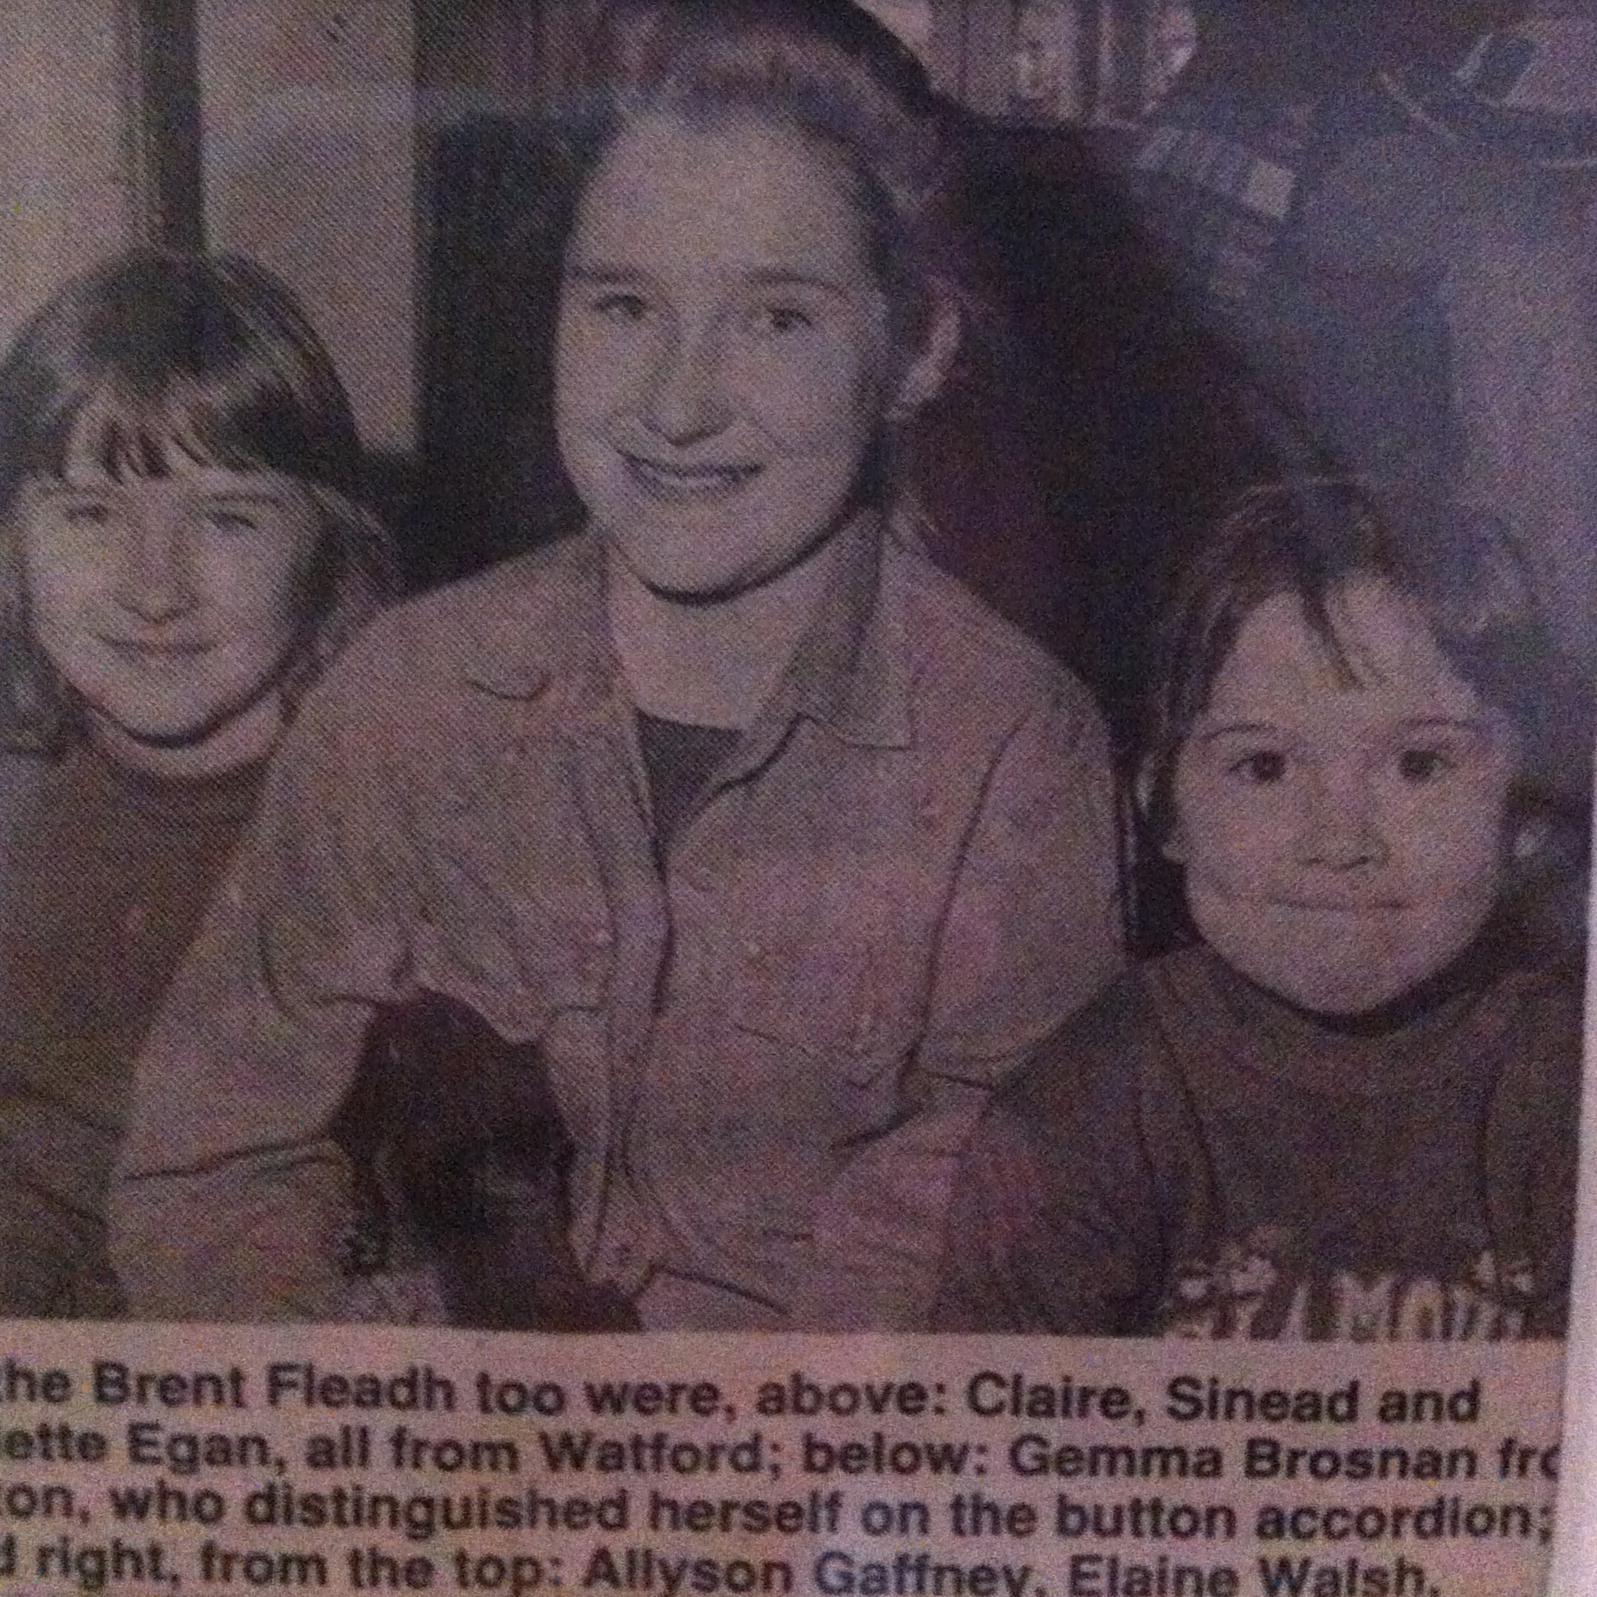 The Egan Sisters